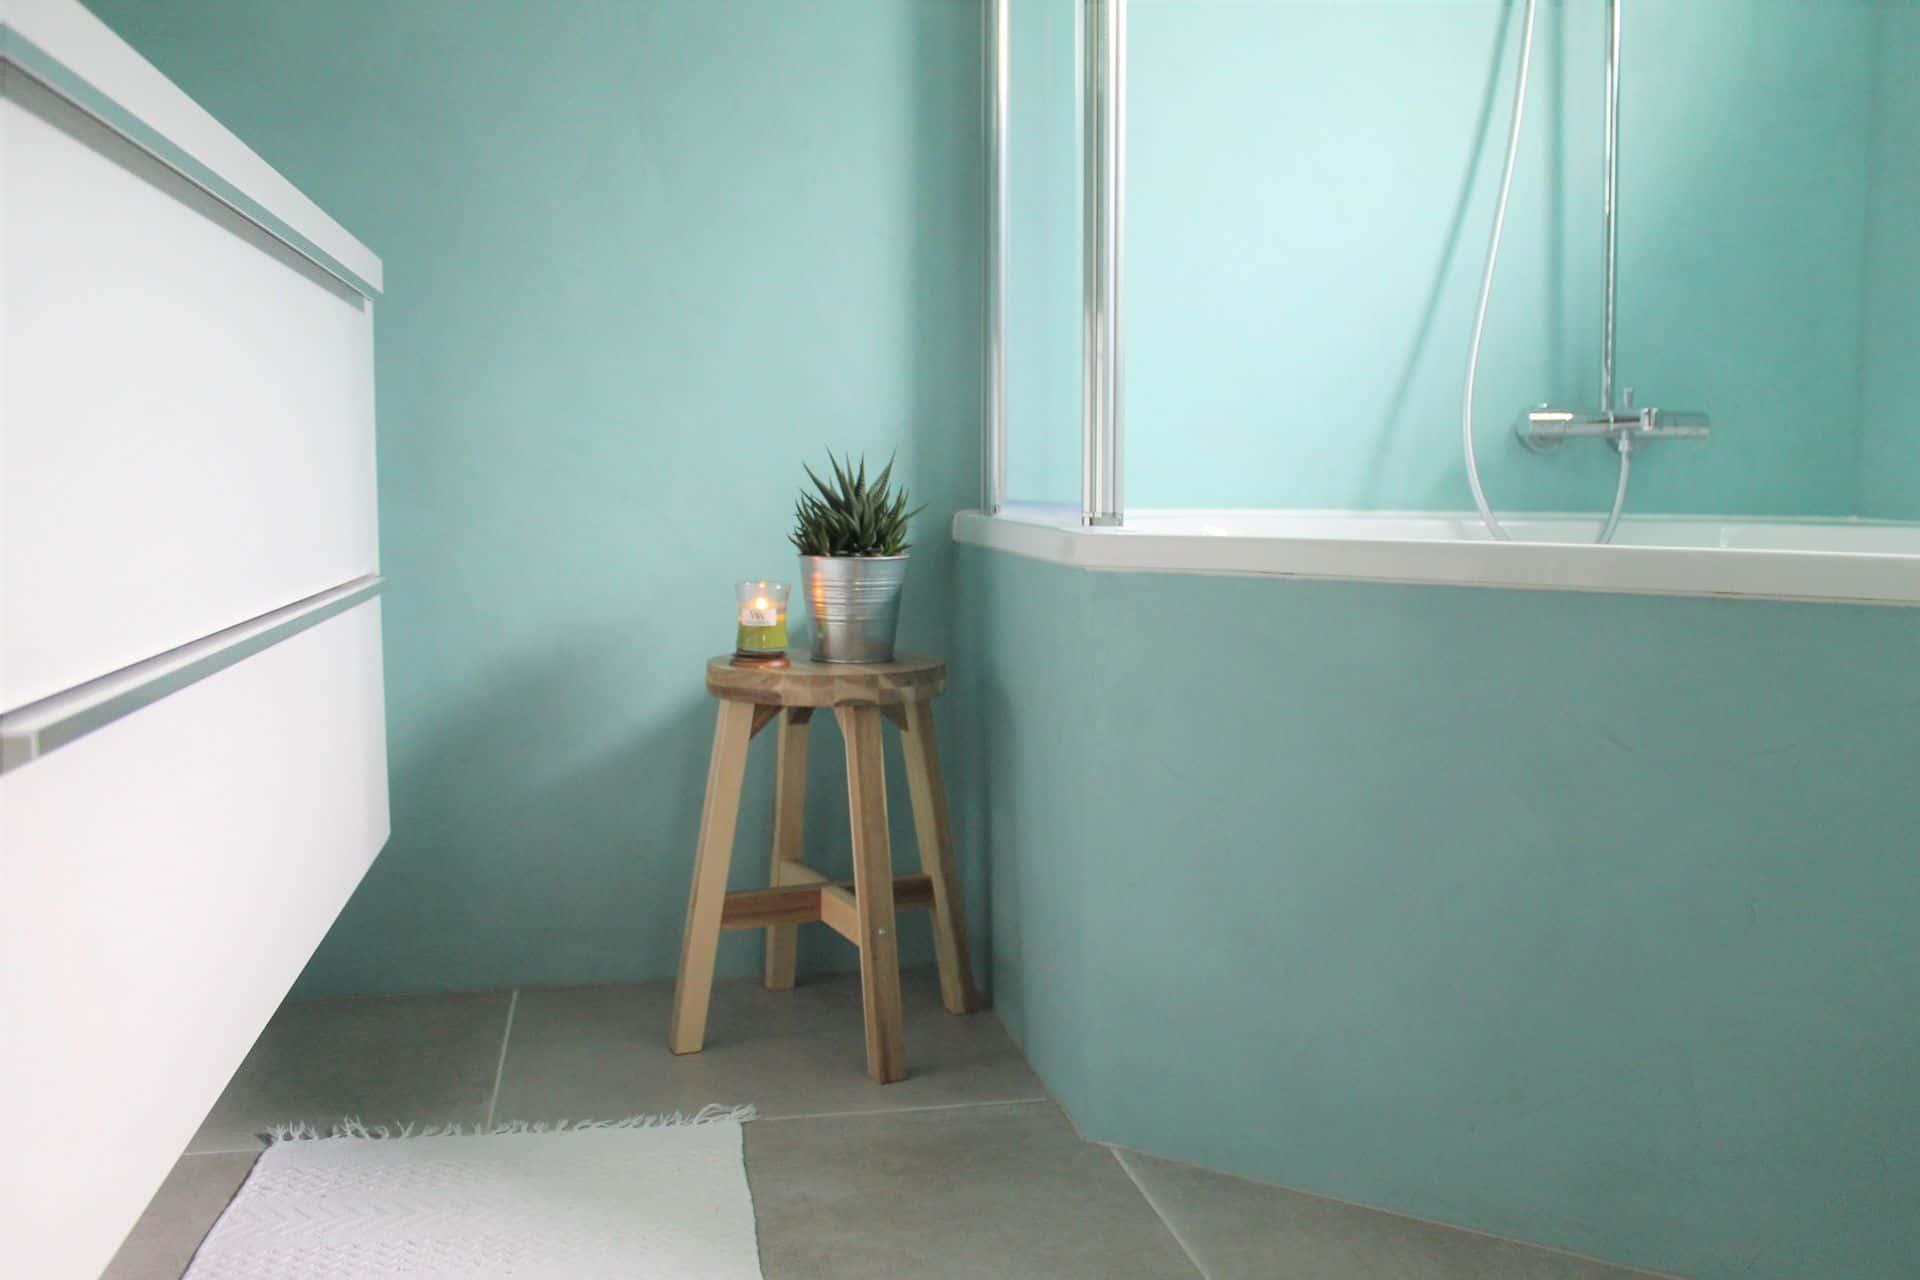 beton ciré badkamer. badkamer beton ciré